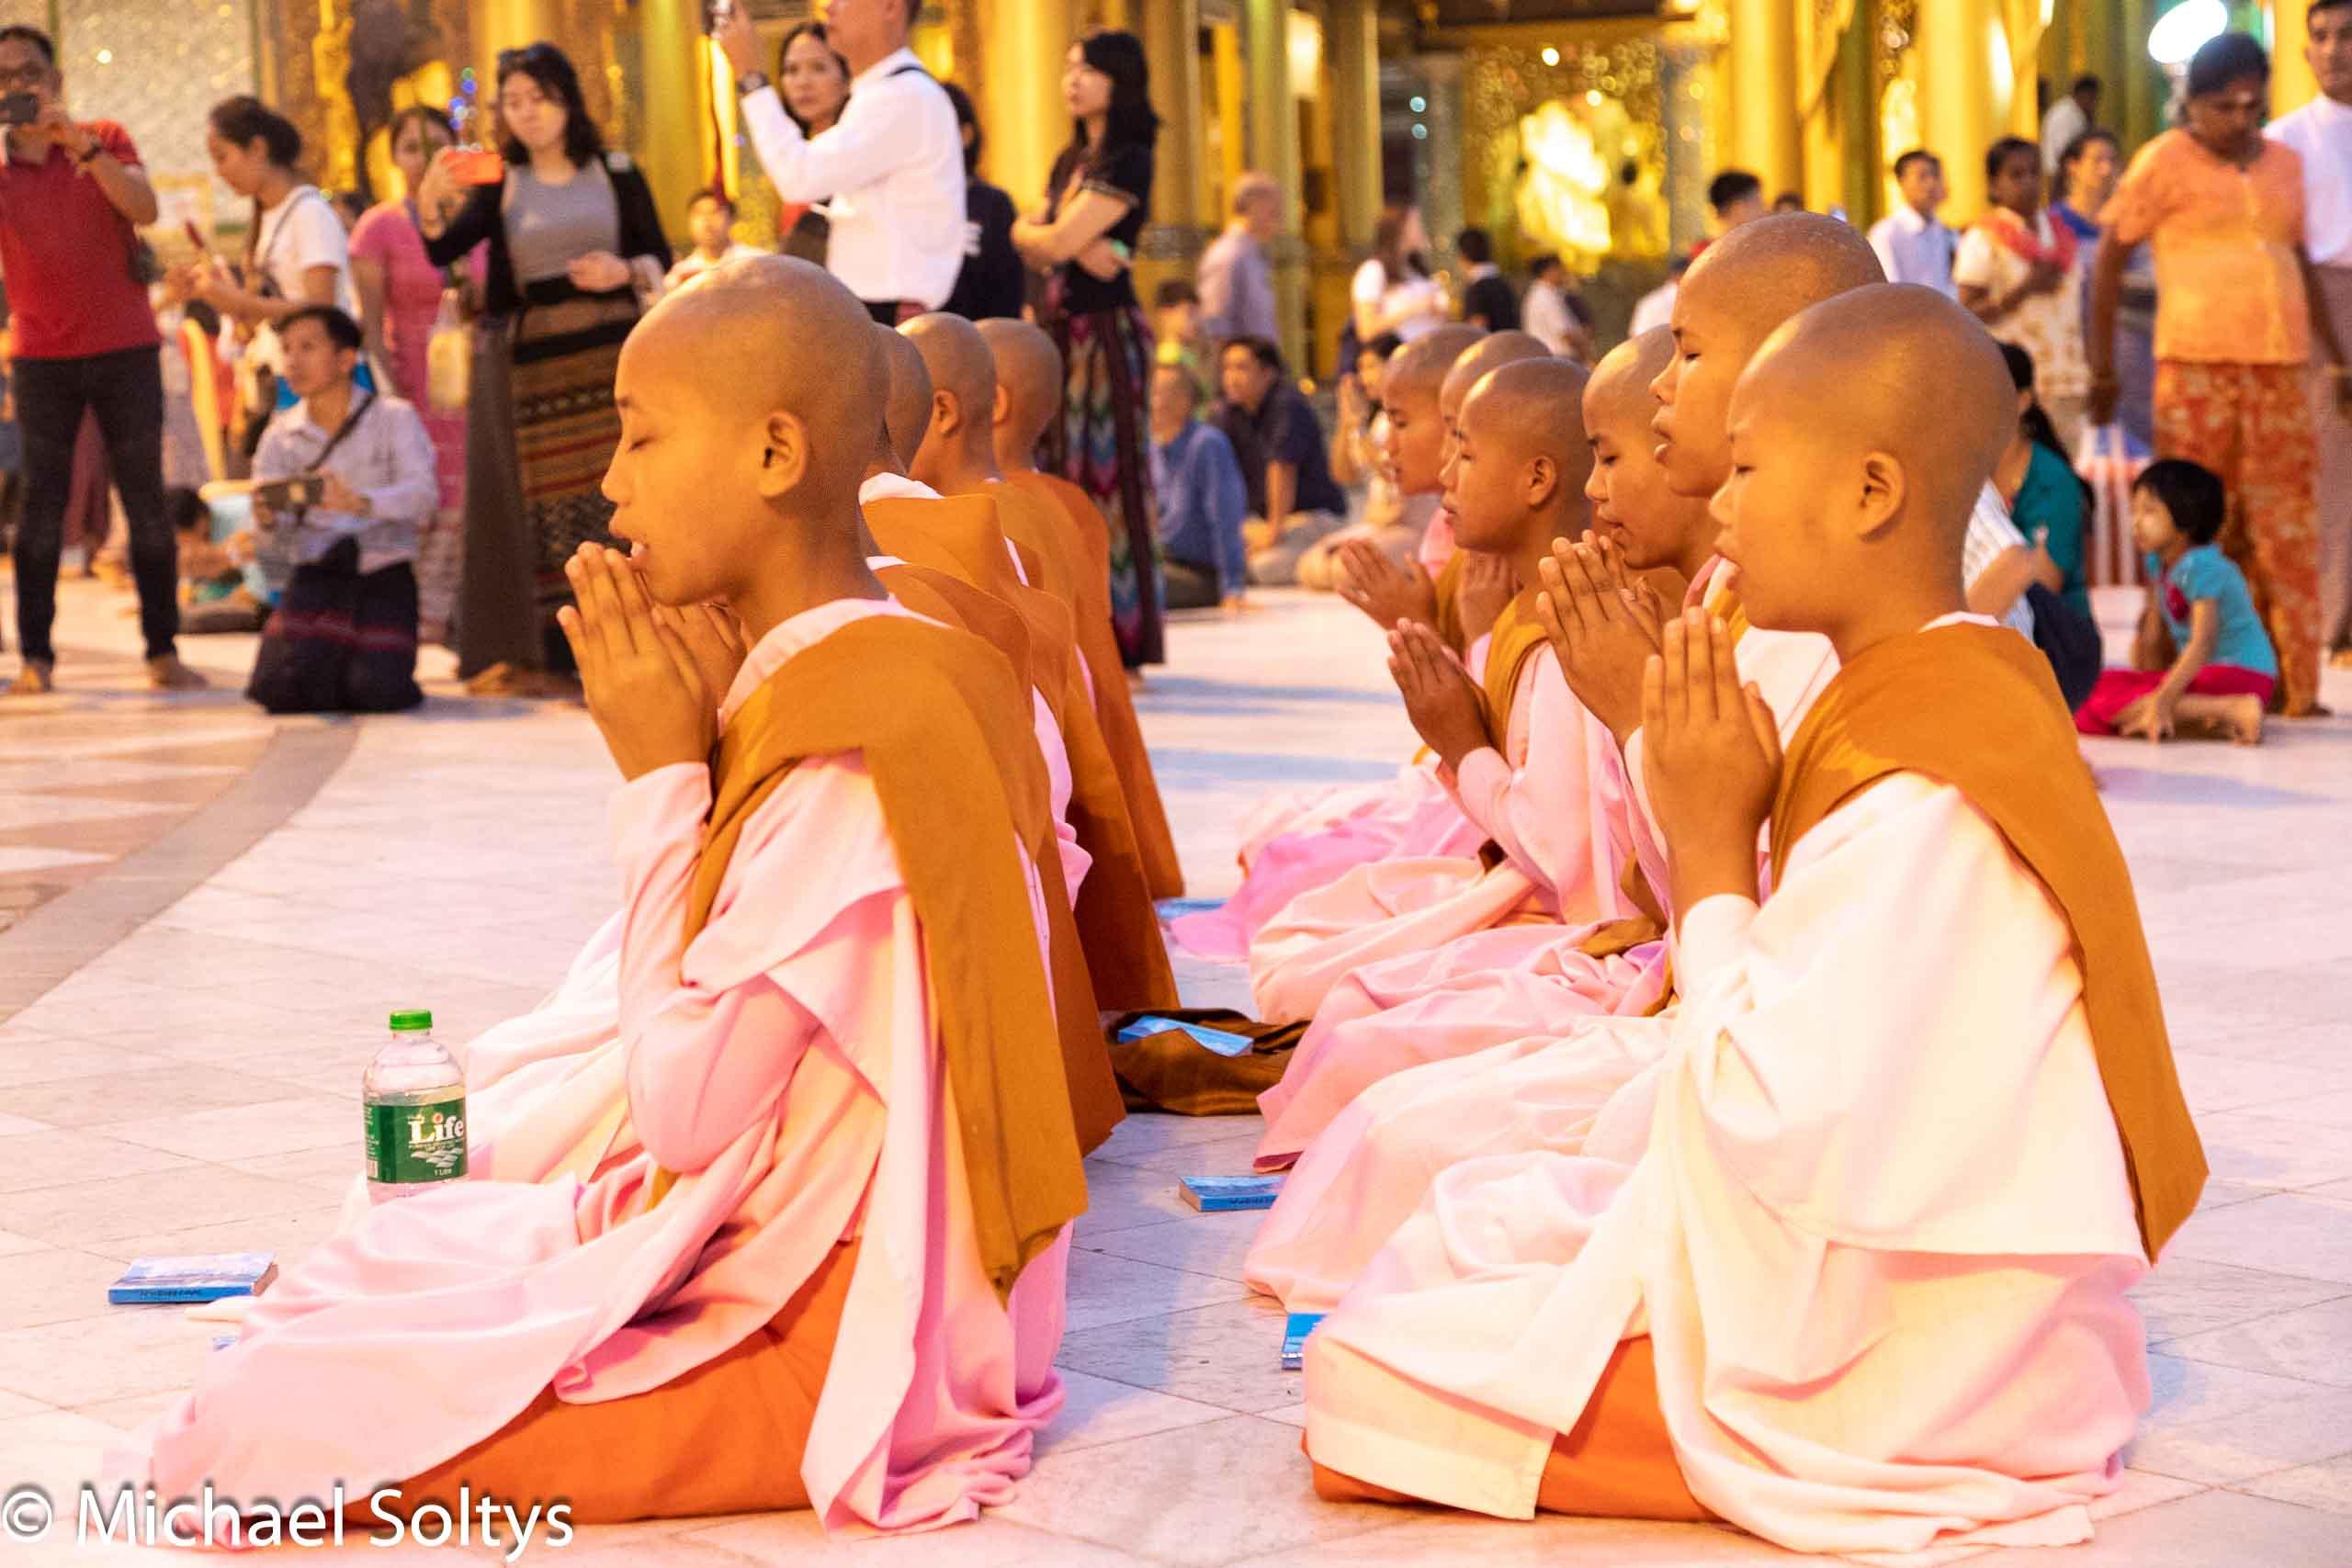 Junge buddhistische Mönche beten inmitten der Menschenmenge.